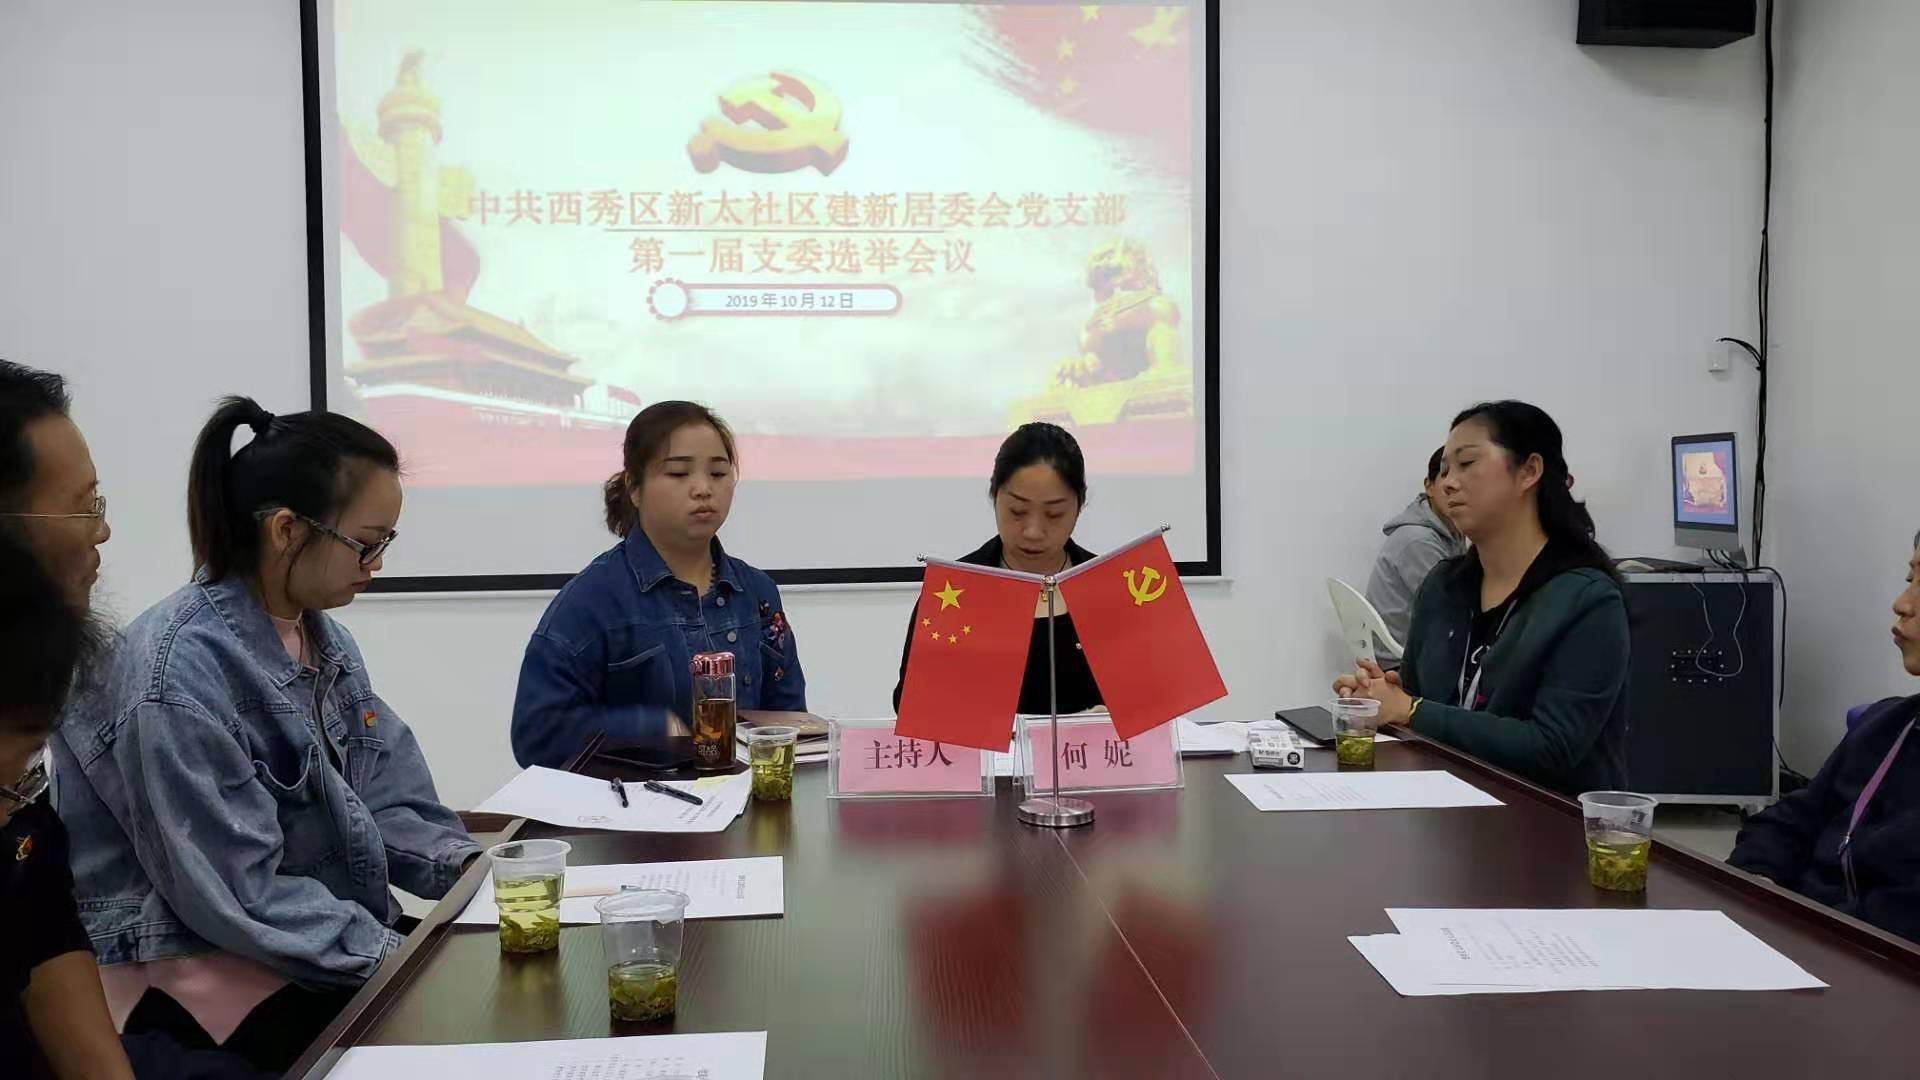 2019年10月12日陈发琳参与建新社区第一届支部选举会议